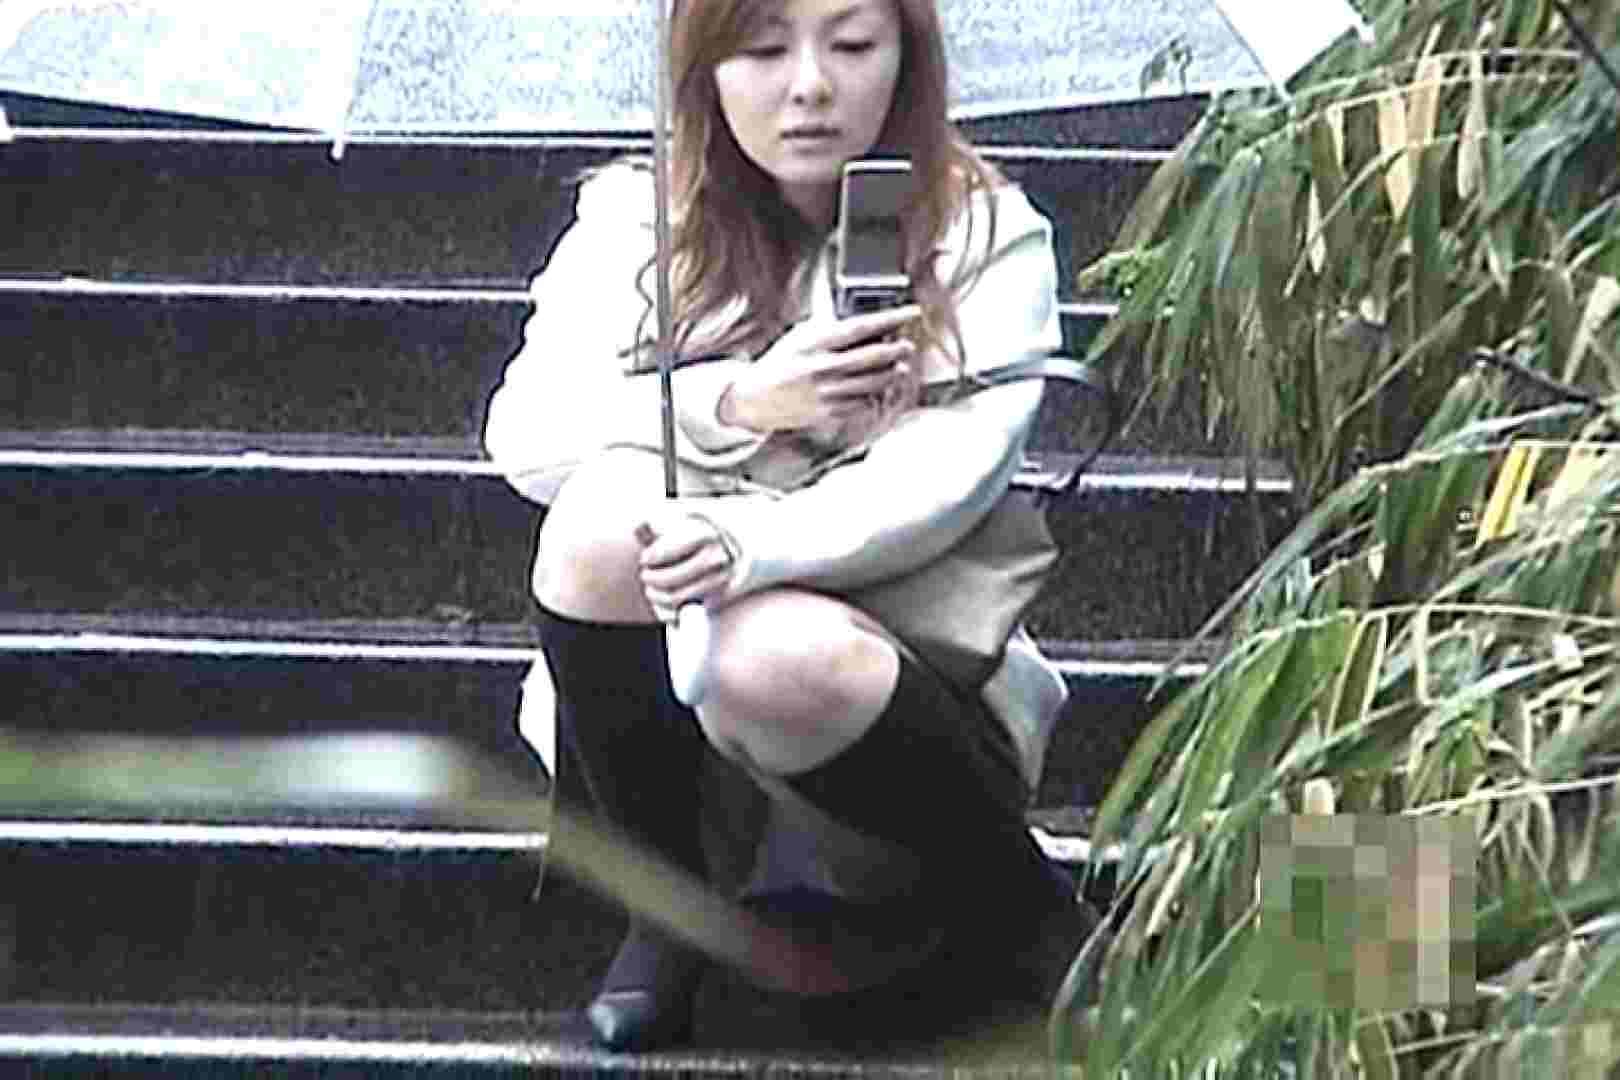 マンチラインパクトVol.2 チラ歓迎 すけべAV動画紹介 71pic 69